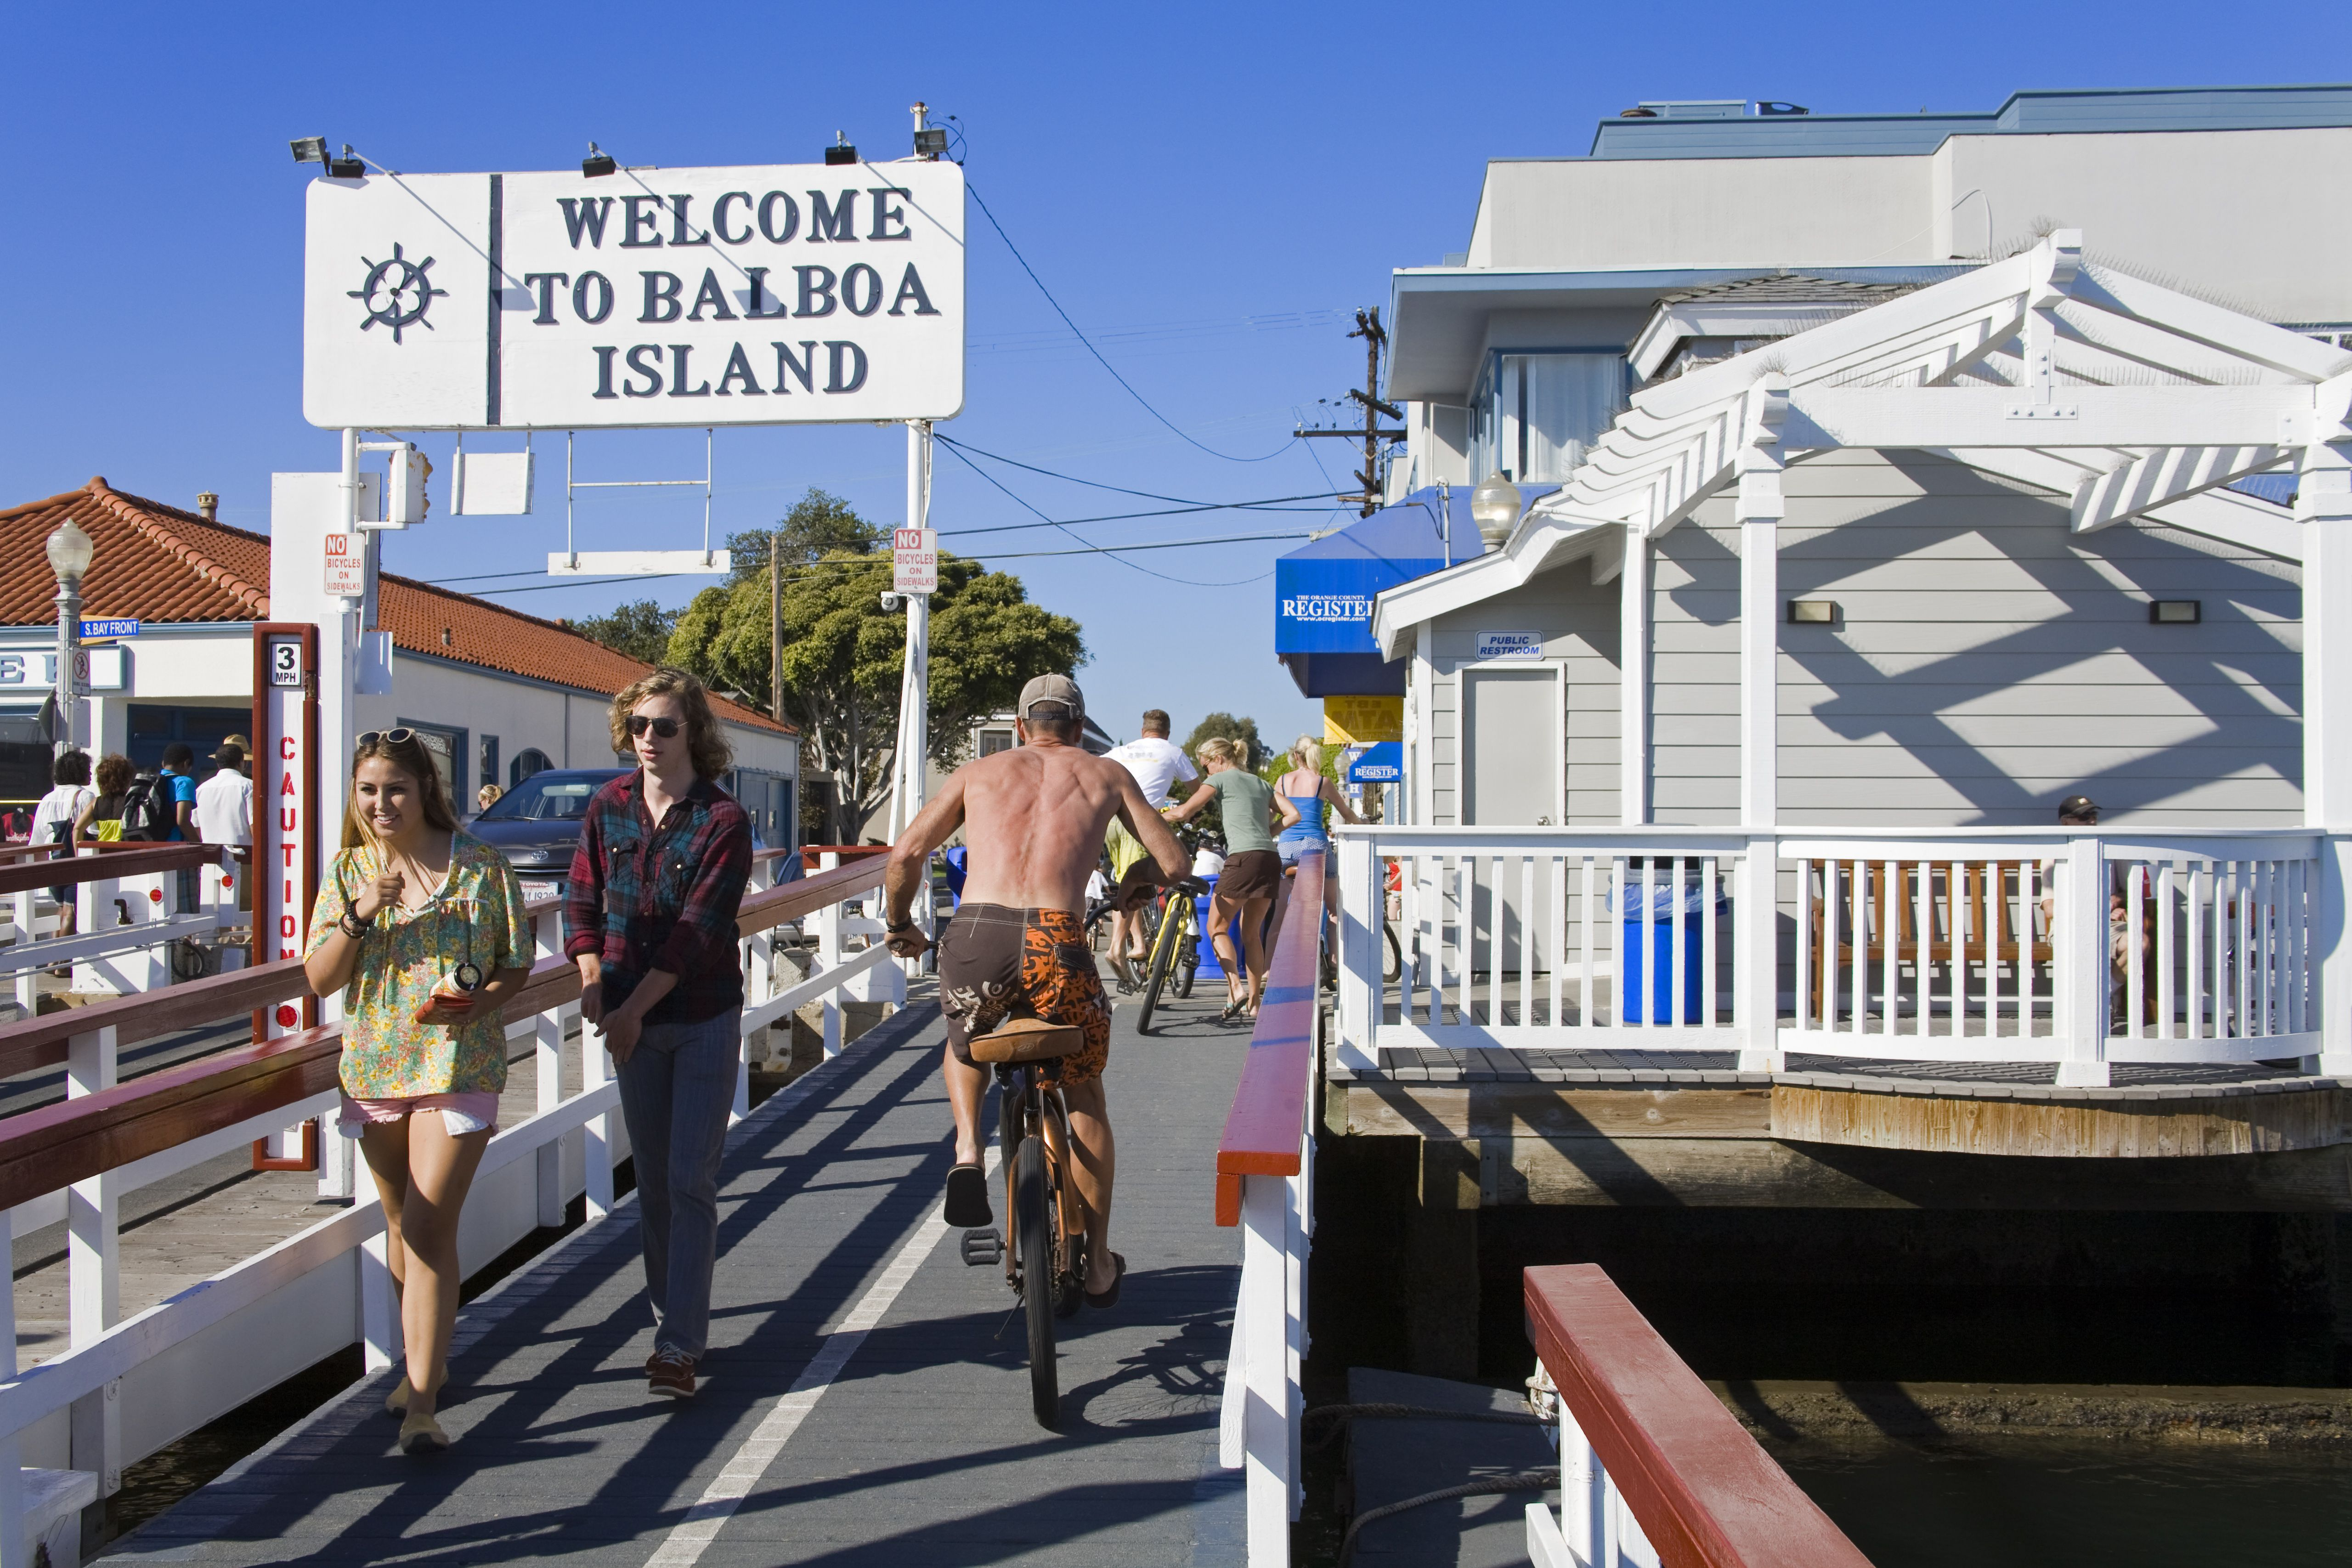 Auto ferry terminal on Balboa Island.